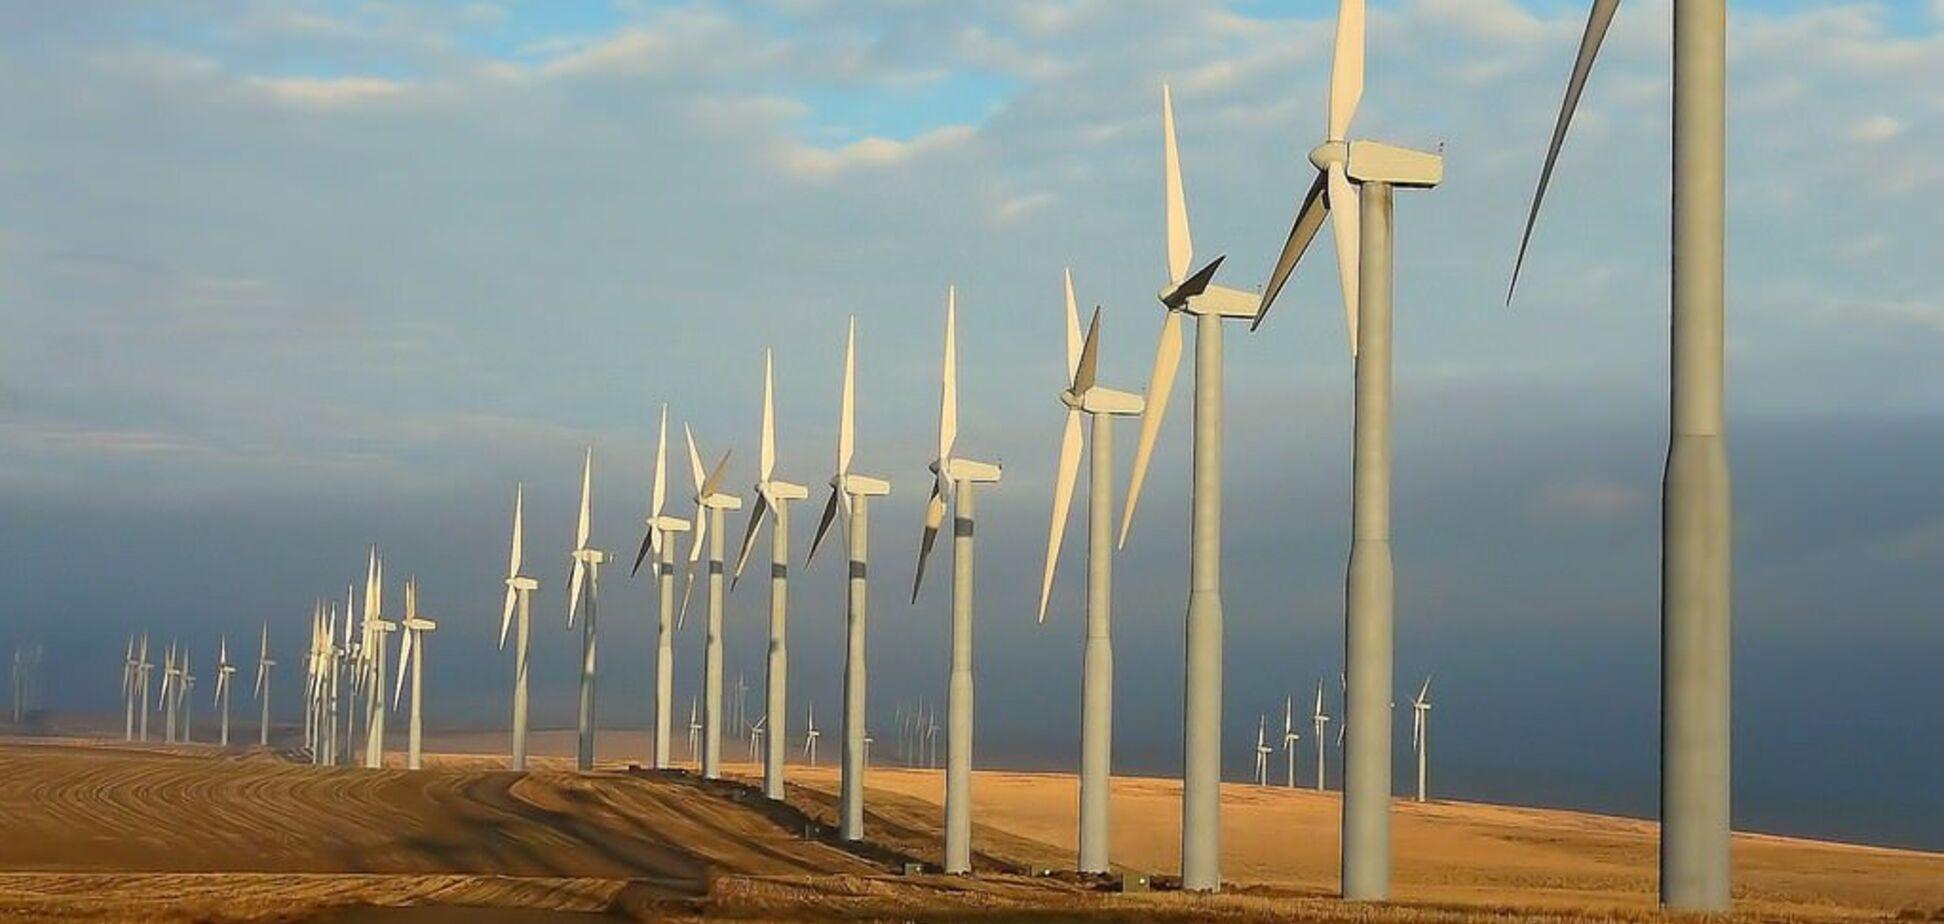 Екологи-маніпулятори перешкоджають розвитку 'зеленої' енергетики, заява